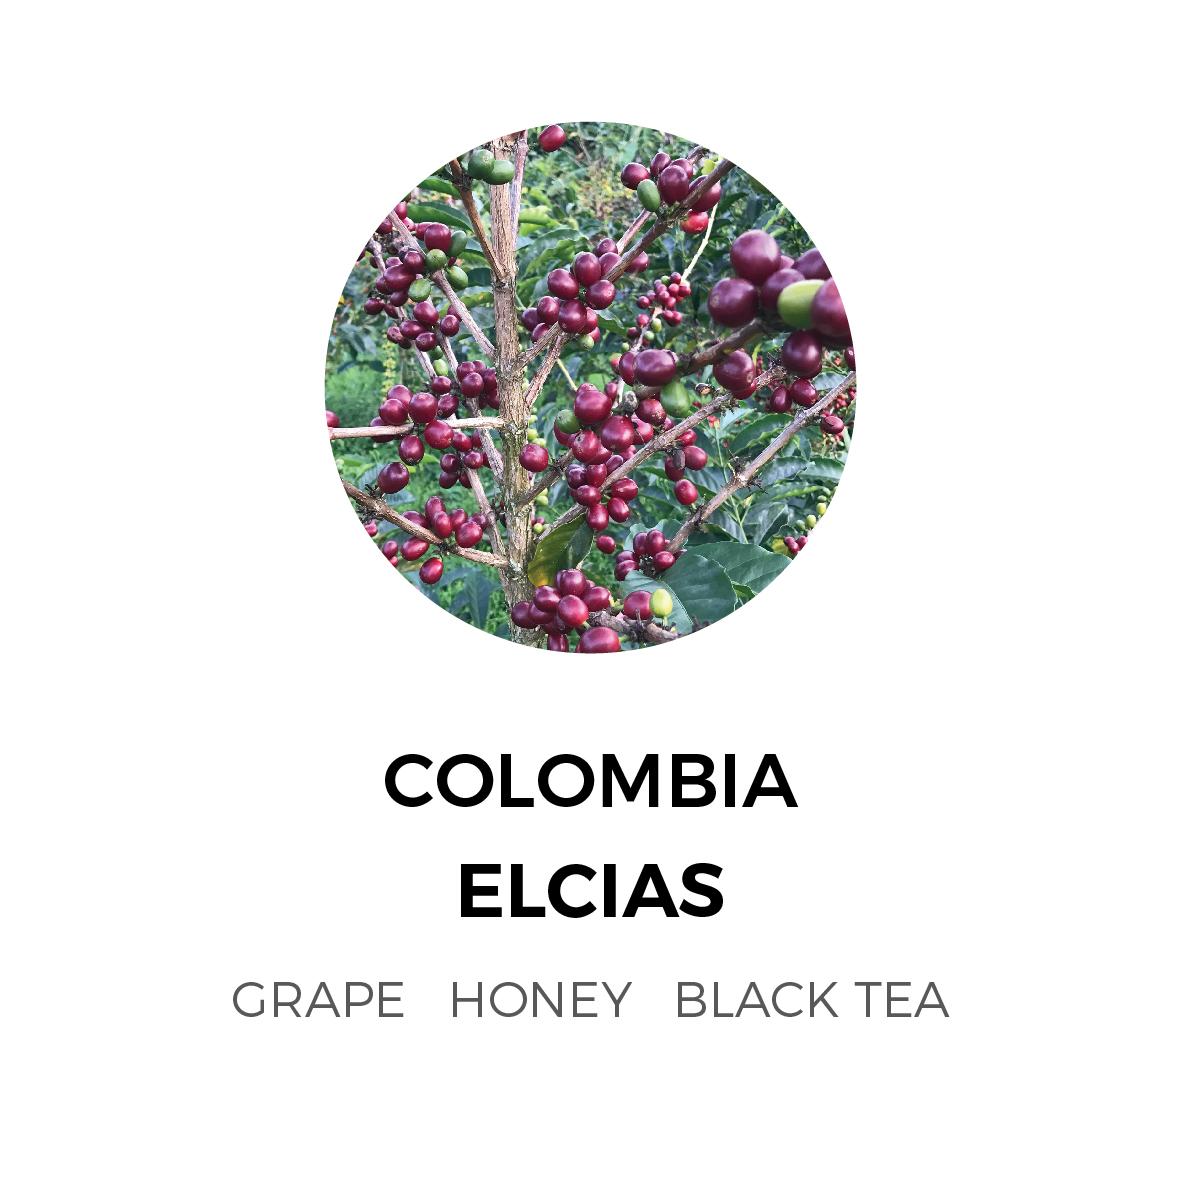 Colombia-Elcias-Gesha-01-01.jpg